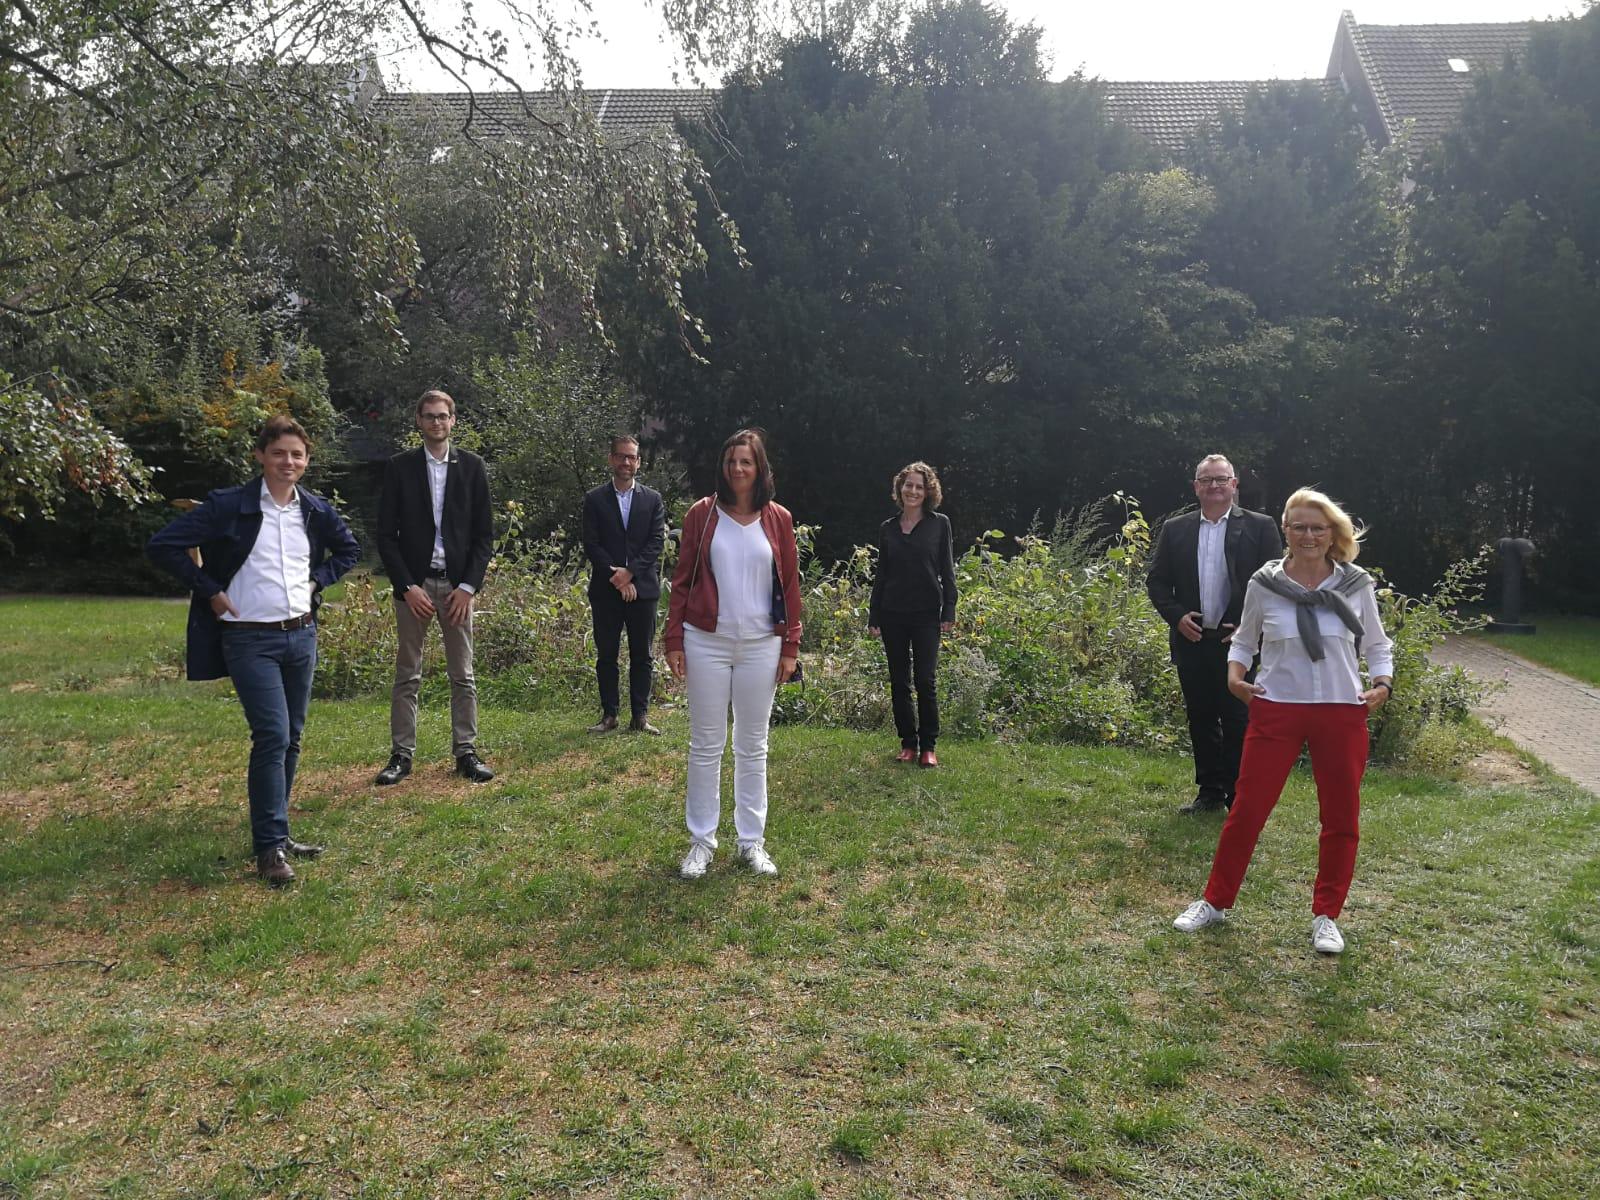 Katrin Göring-Eckardt zu Gast im Rhein-Kreis Neuss — GRÜNE besichtigen gemeinsam mit der GWG das Kolpingviertel inNeuss